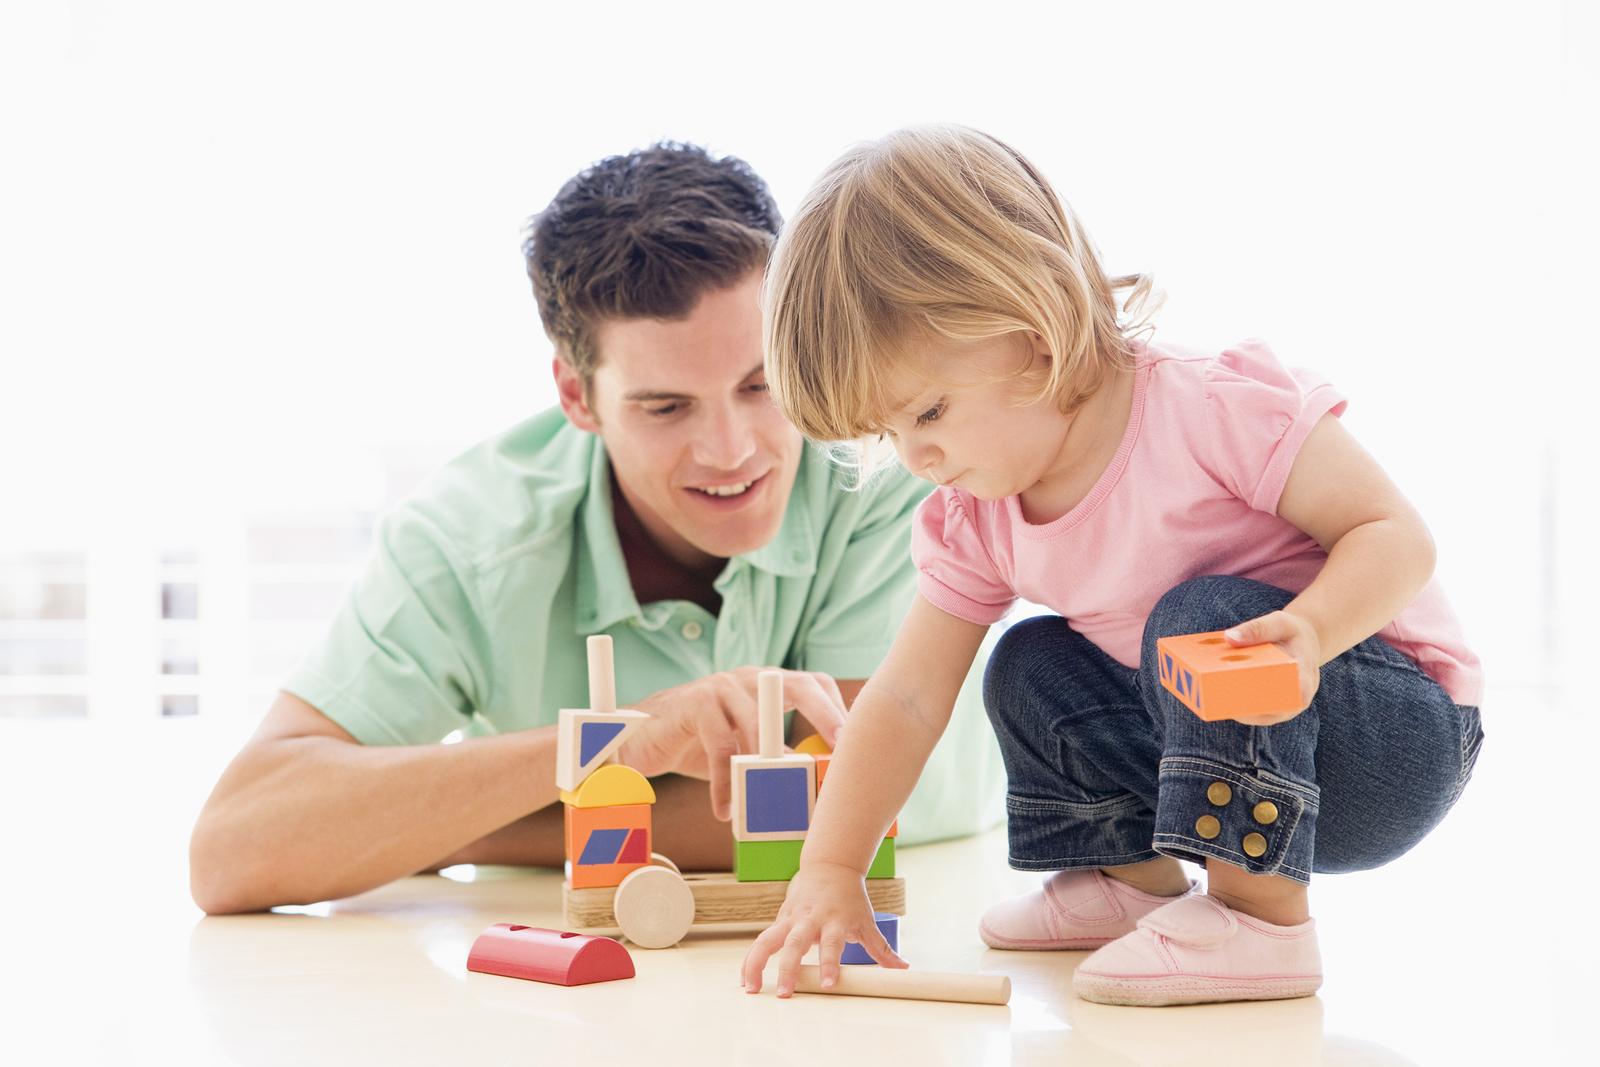 alegría, felicidad, niñez. éxito, padres, hijos